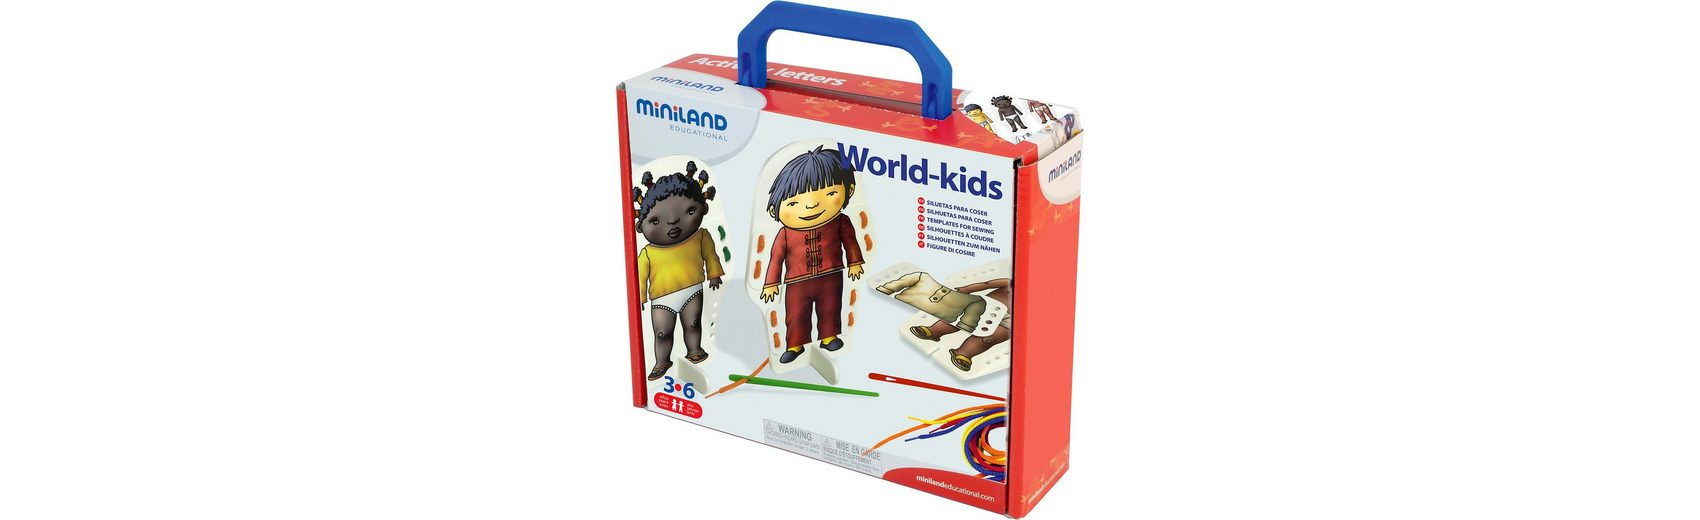 Miniland World Kids Fädelspiel